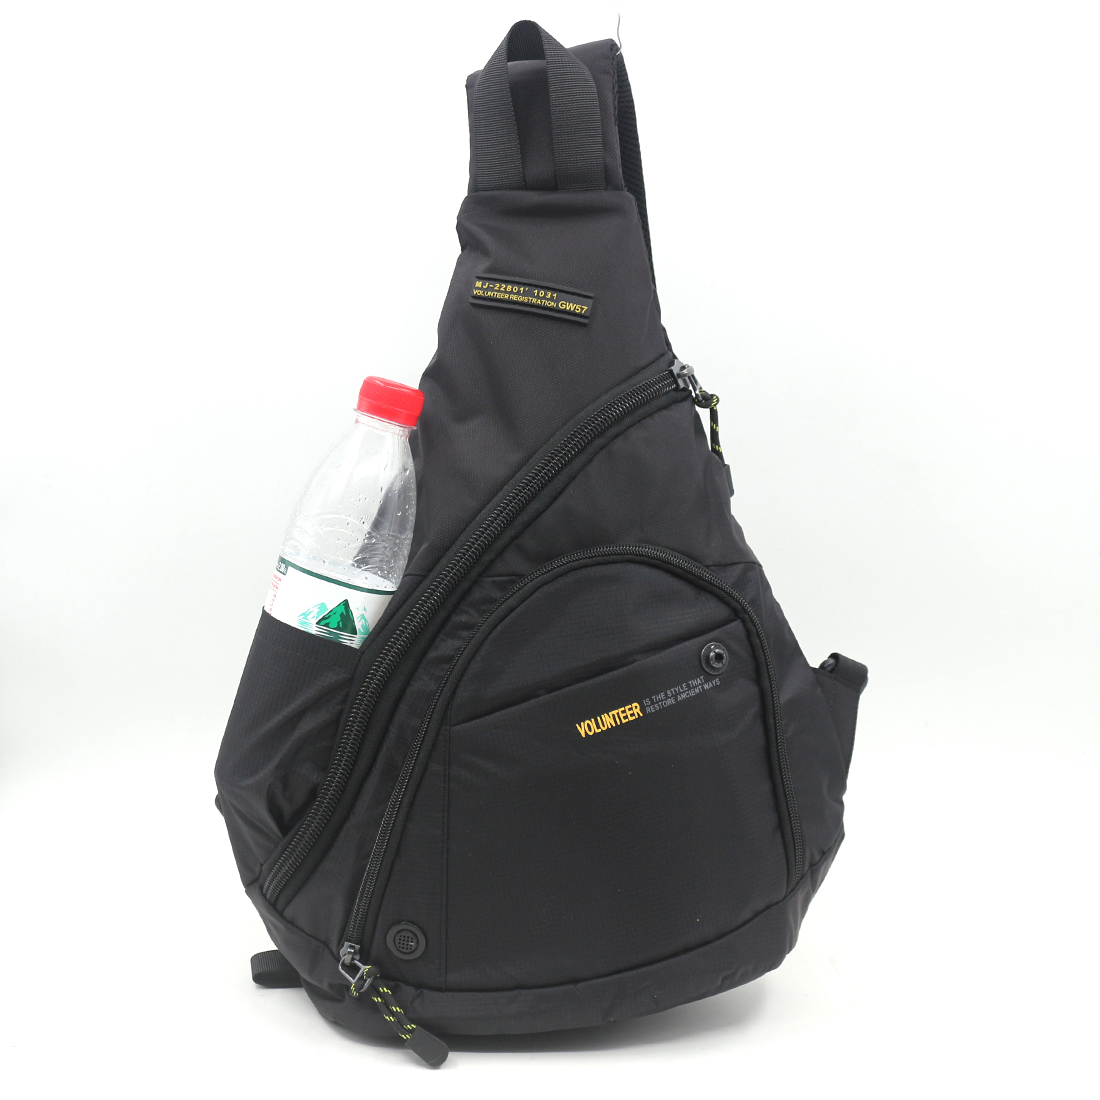 Высококачественный рюкзак через плечо, рюкзак, дорожный рюкзак, модная сумка для бутылки с водой/чайника, Мужская нагрудная сумка на плечо|Рюкзаки| | АлиЭкспресс